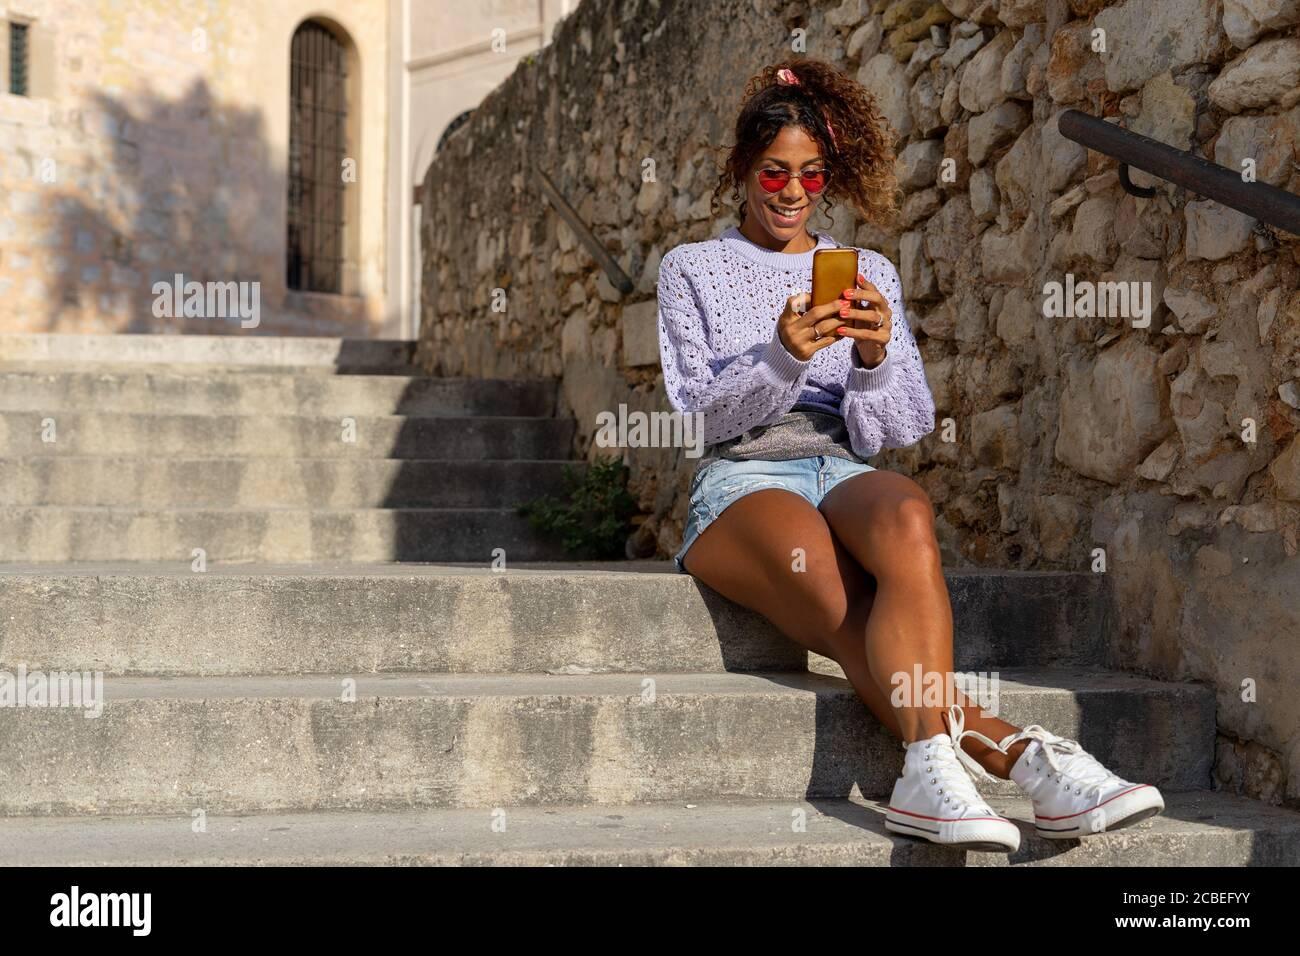 Retrato de una atractiva mujer negra joven tomando un selfie con su móvil. Hablando por teléfono sentado en las escaleras Foto de stock